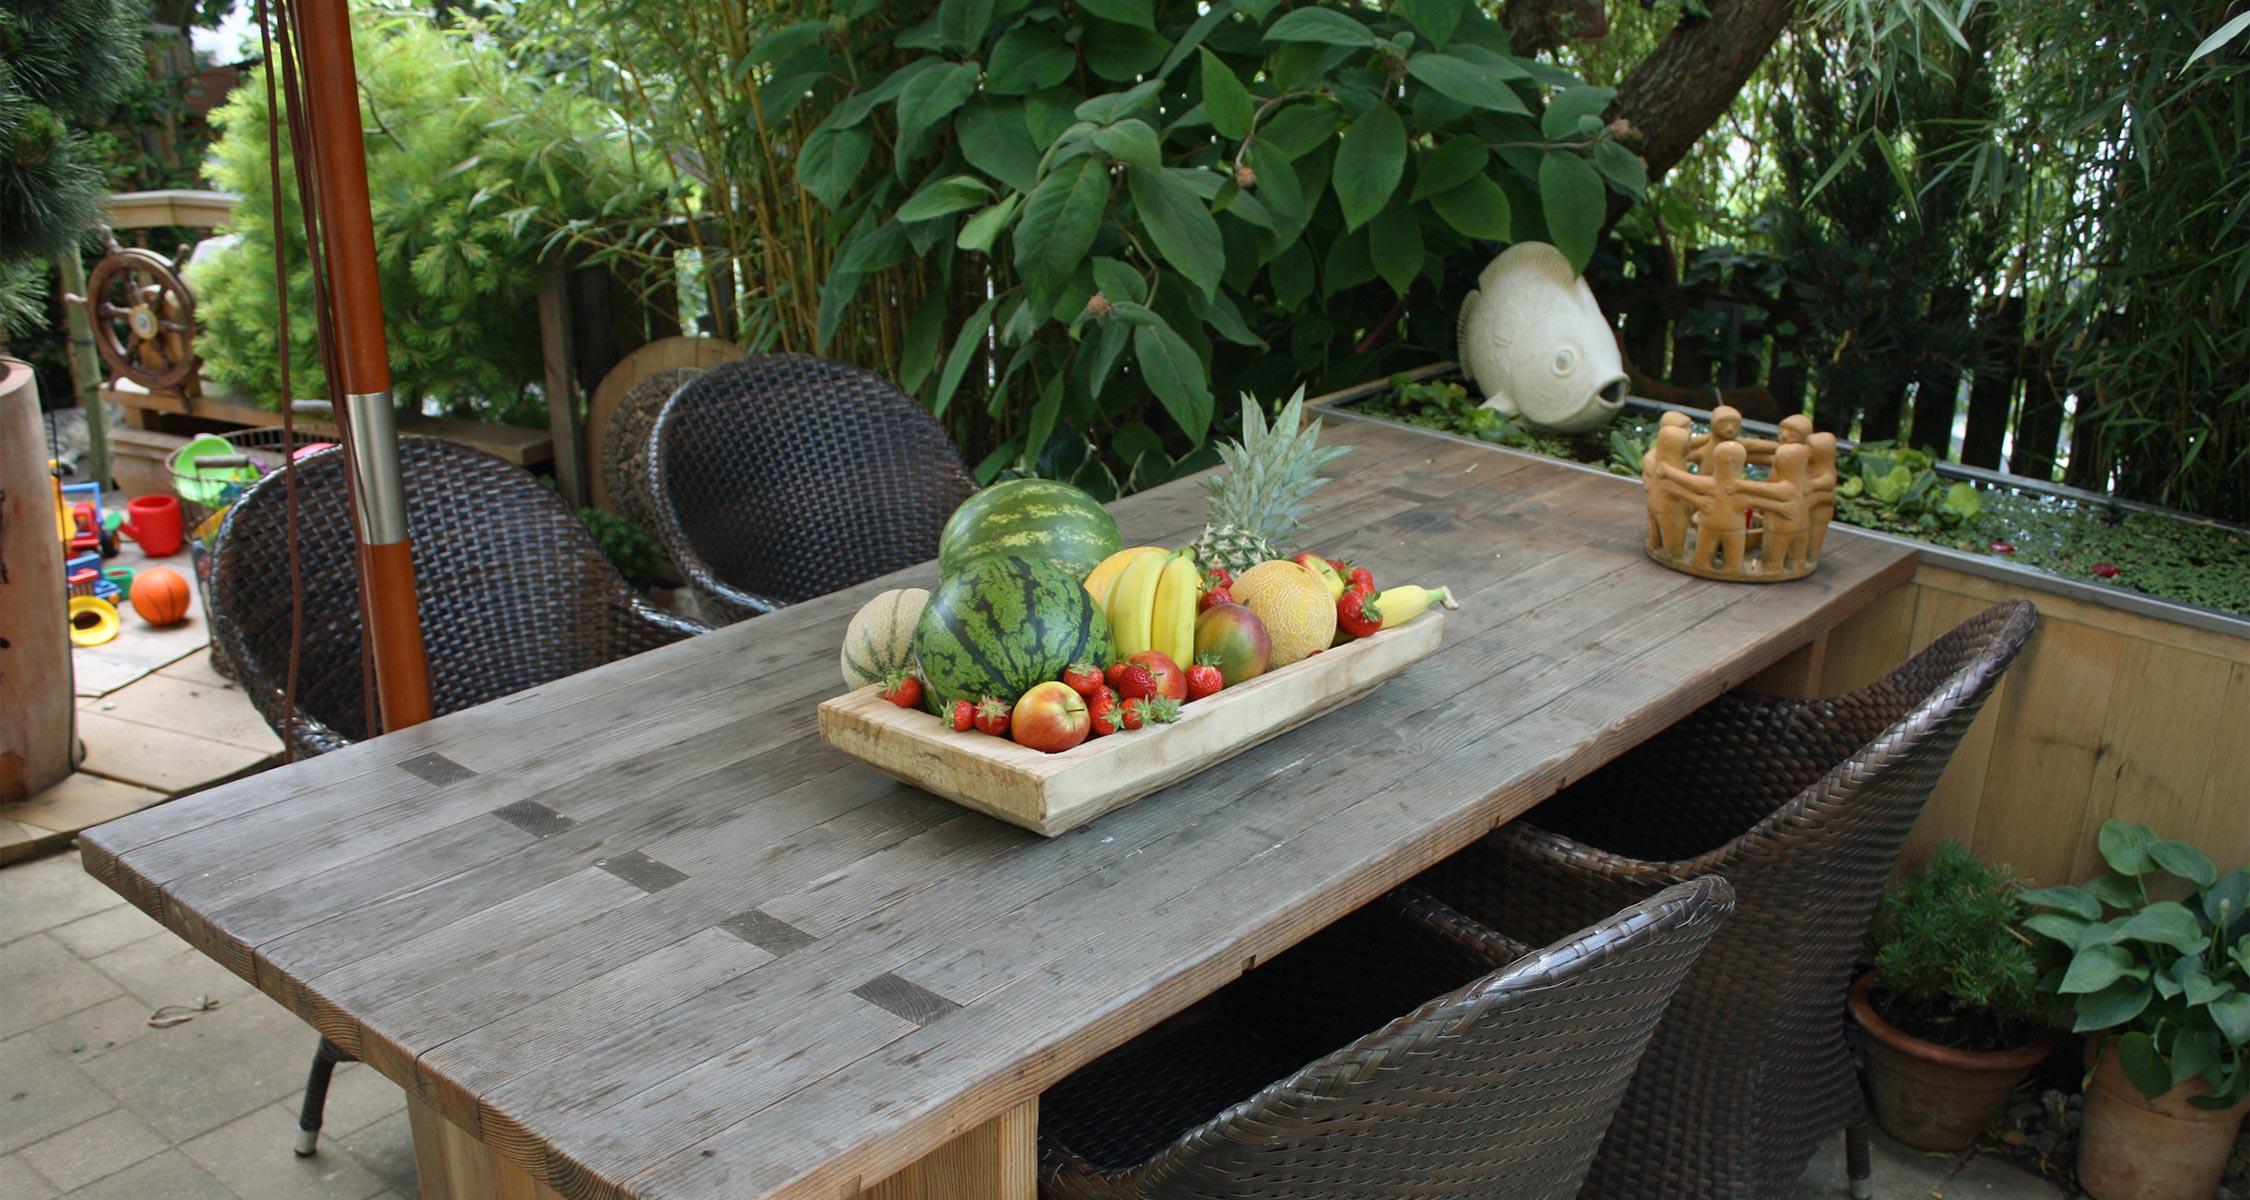 Gartenmöbel winterfest machen: Das müssen Sie wissen